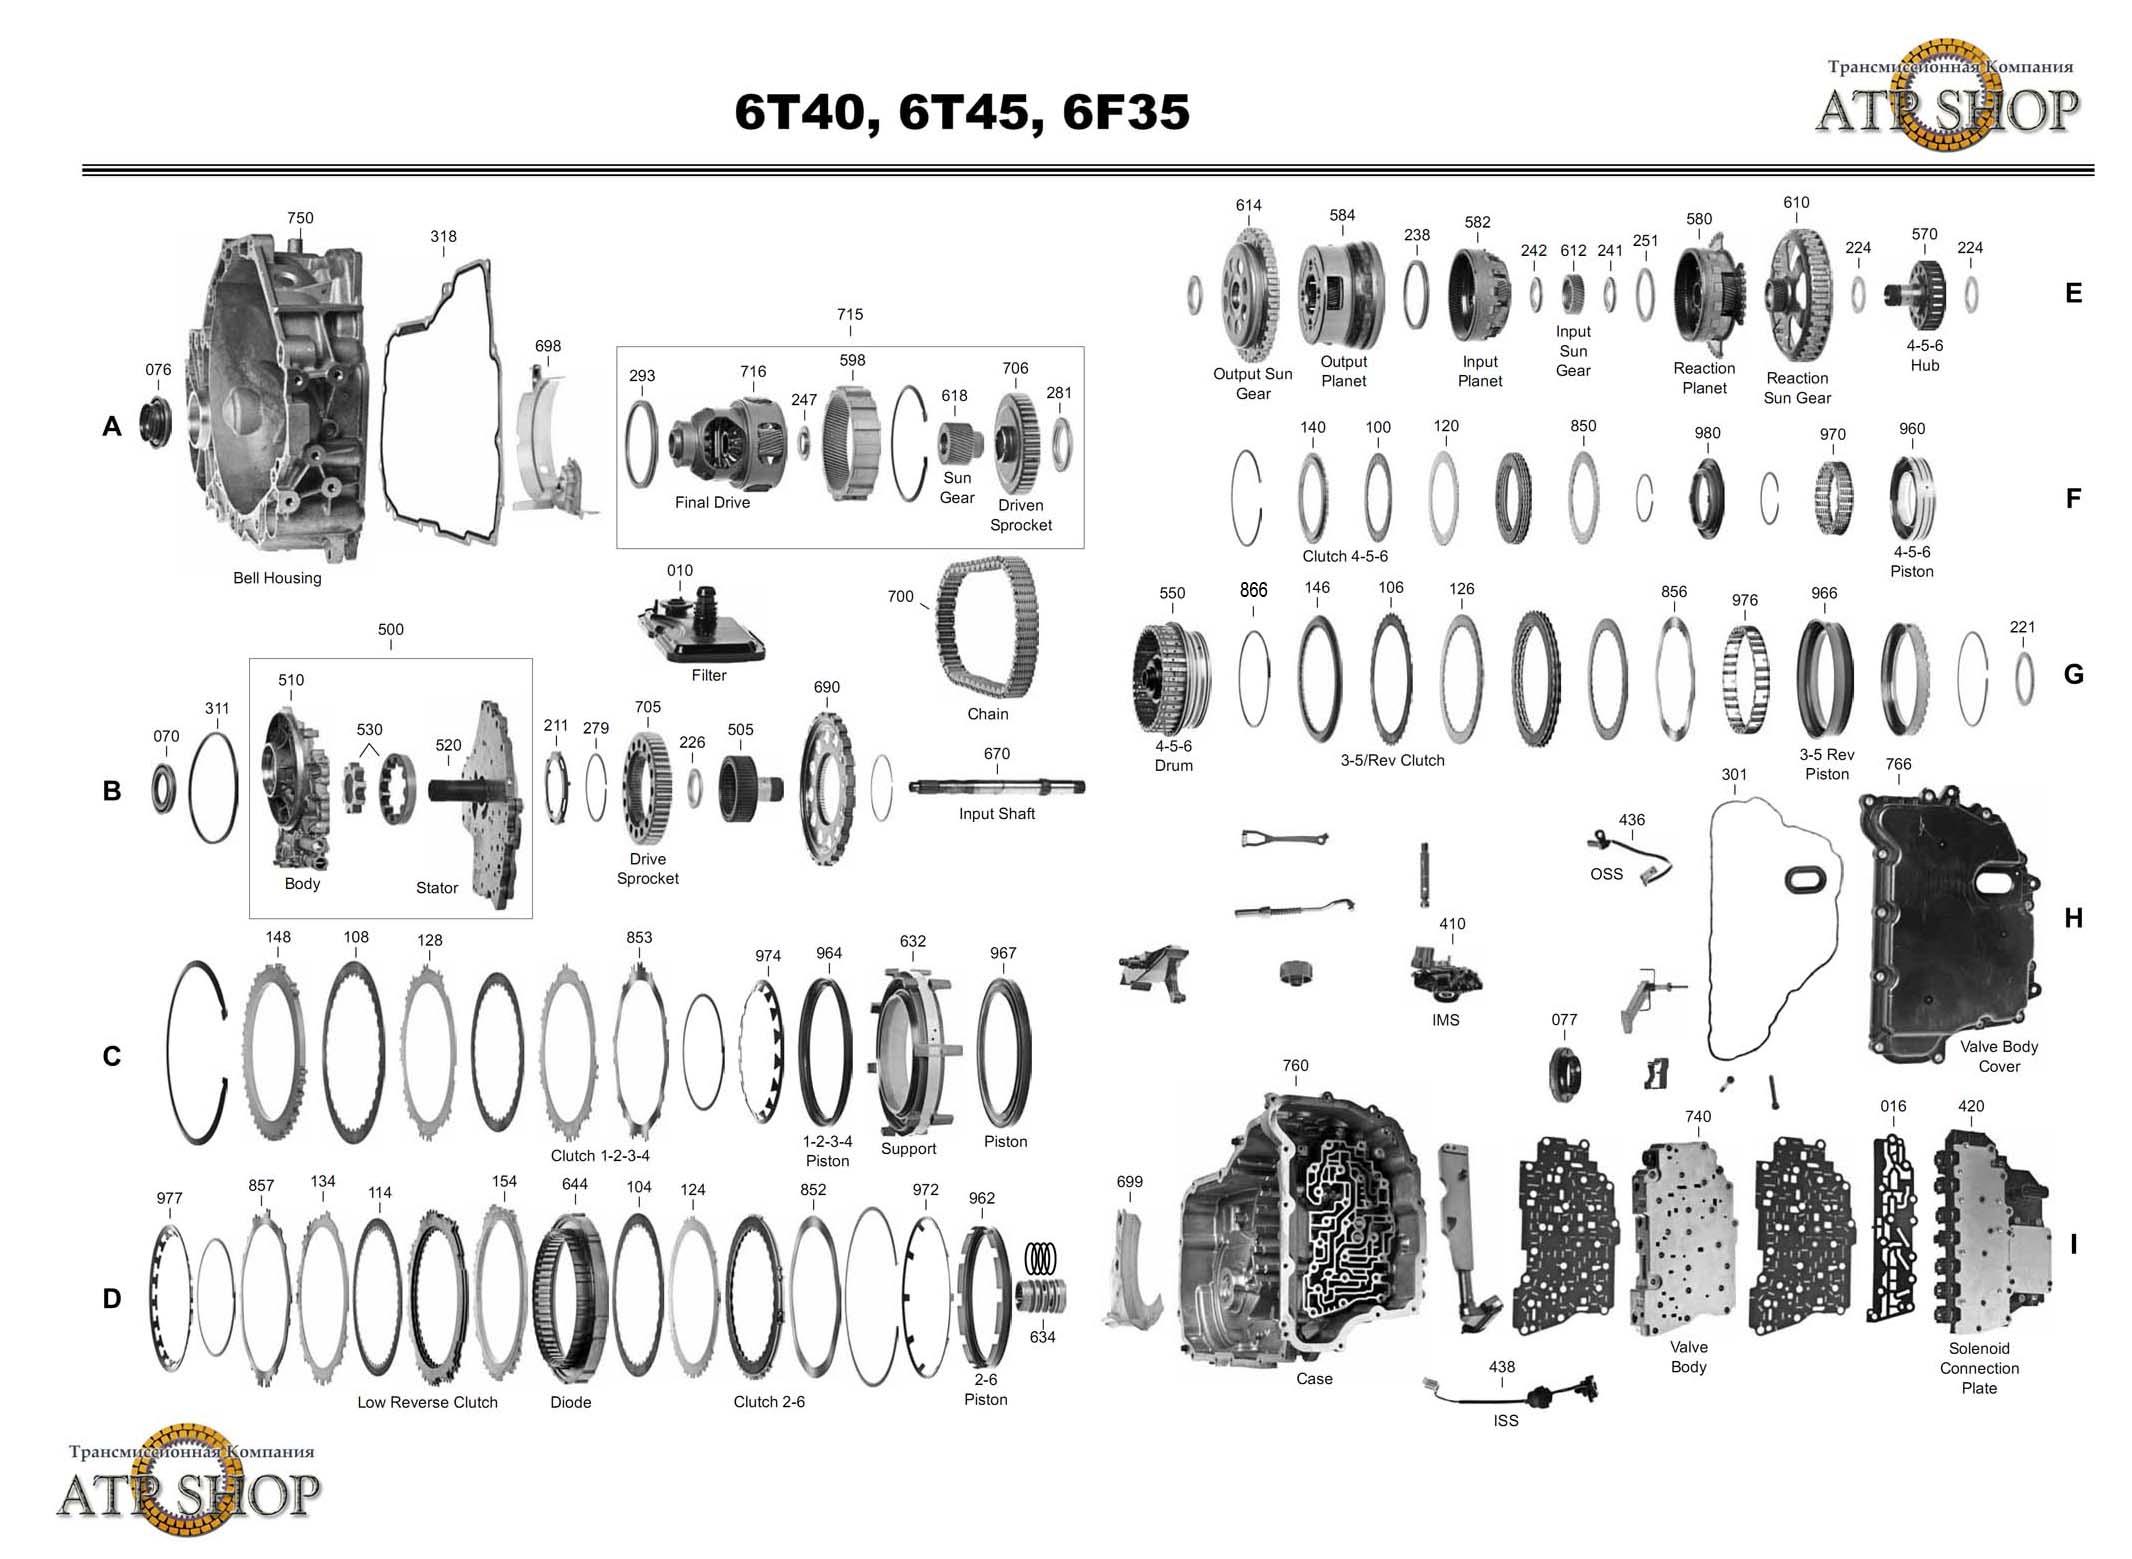 АКПП 6F35 Ford Описание, Каталог, Цены, Типичные болезни.